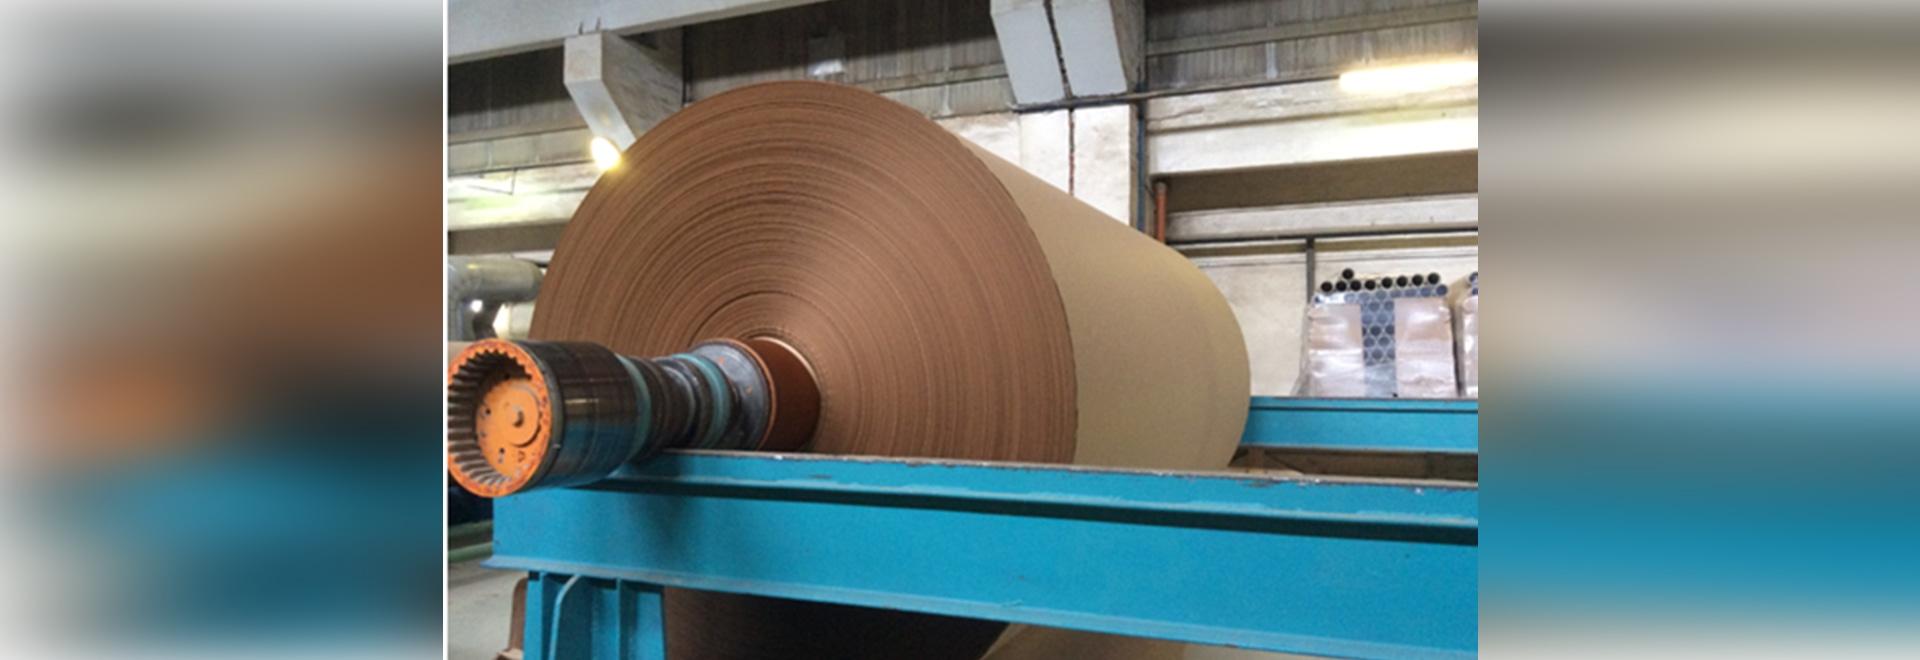 Romania Papermaking Factory Pulper Case - Goodrive 5000 Medium Voltage Inverter